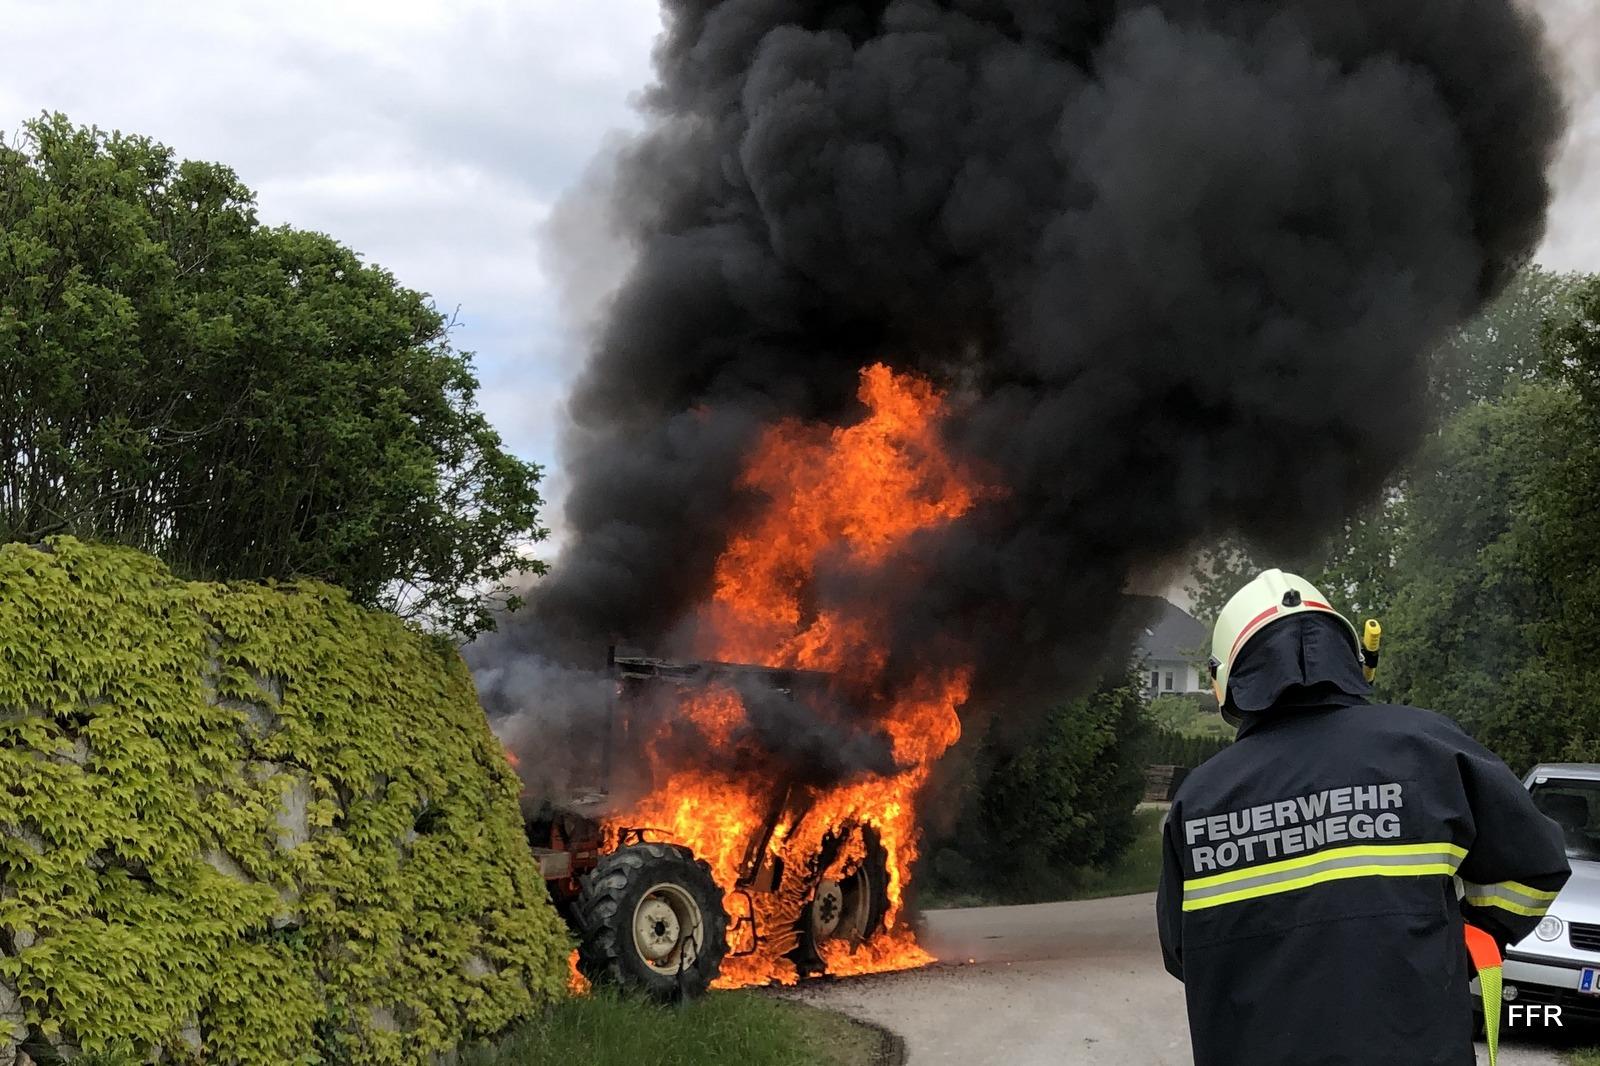 Feuerwehrmann vor brennendem Traktor